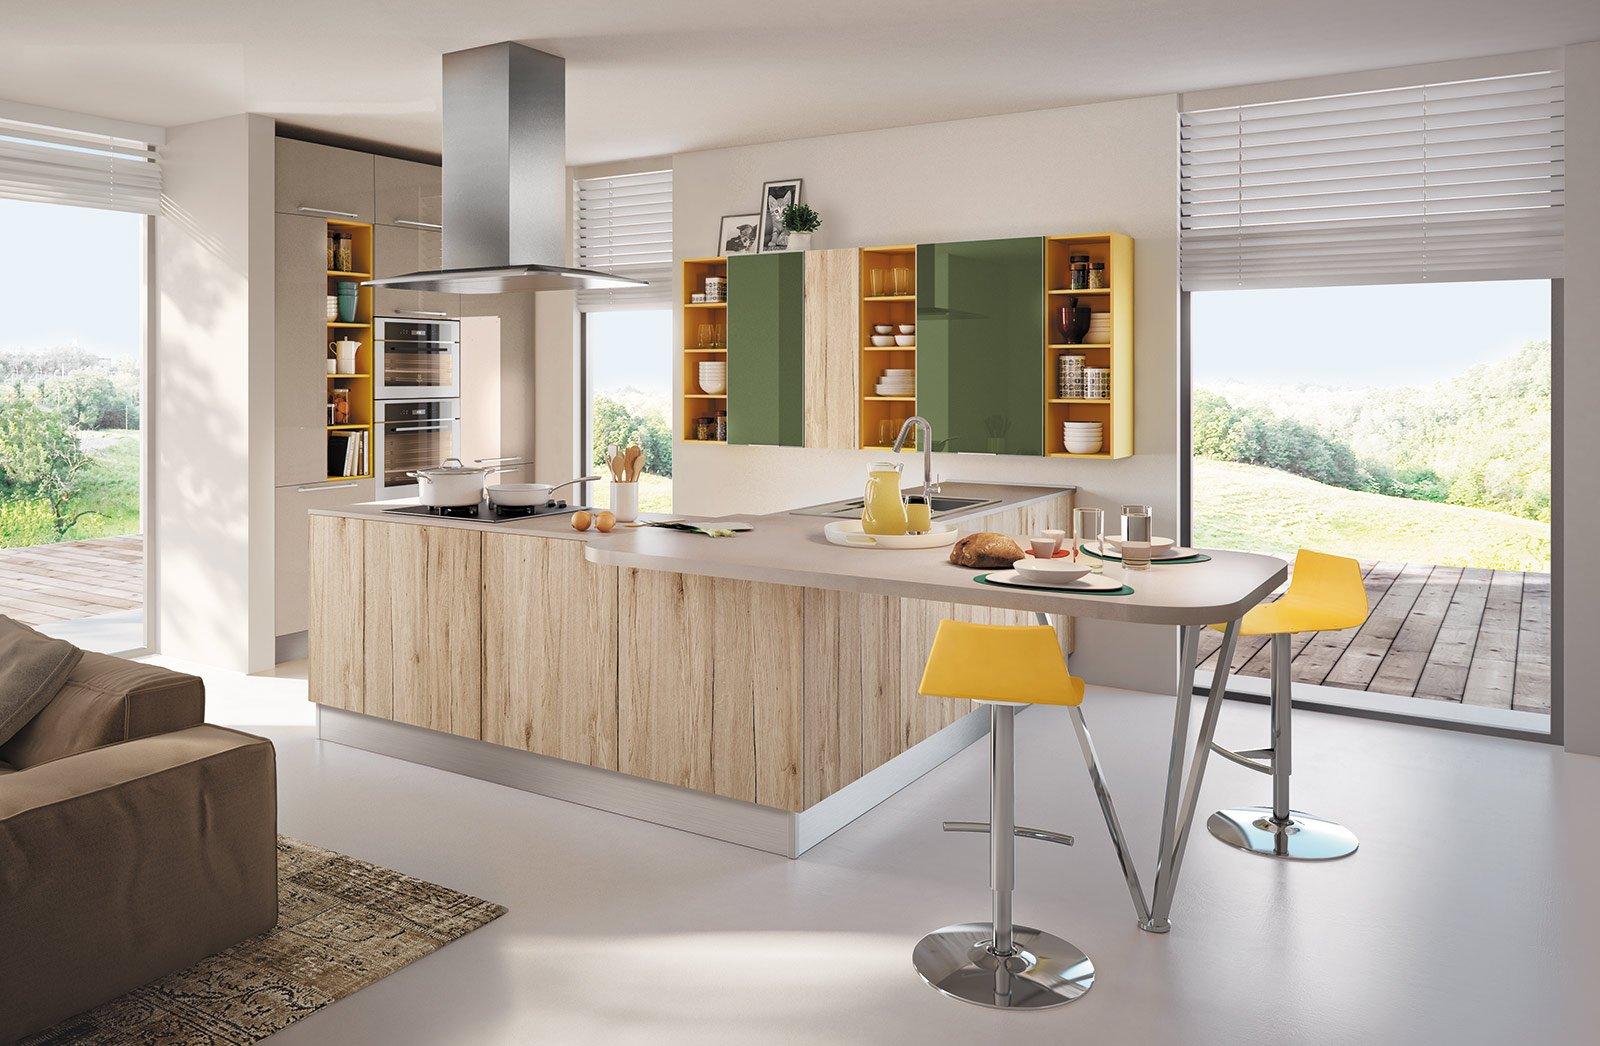 Bancone In Legno Grezzo: Ecodesign idee originali per un design in ...